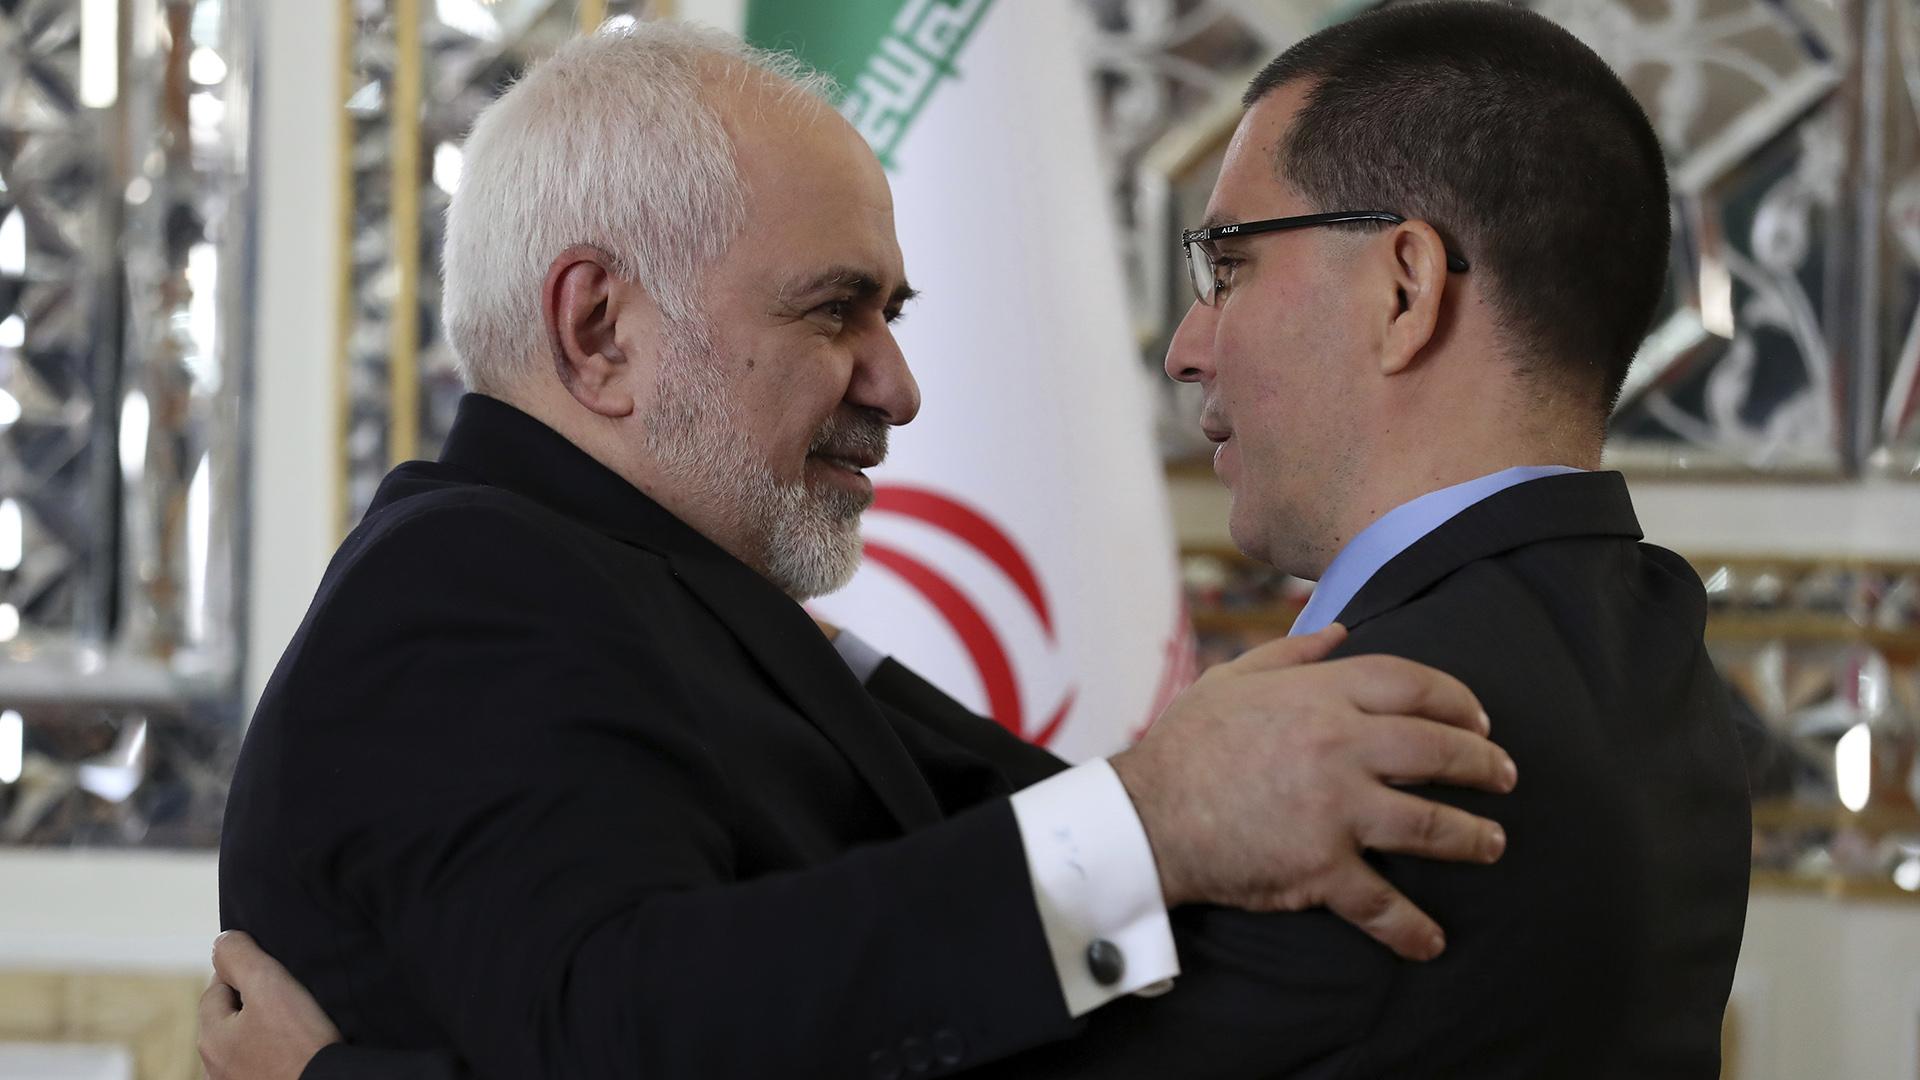 Controversial encuentro entre Irán y Venezuela